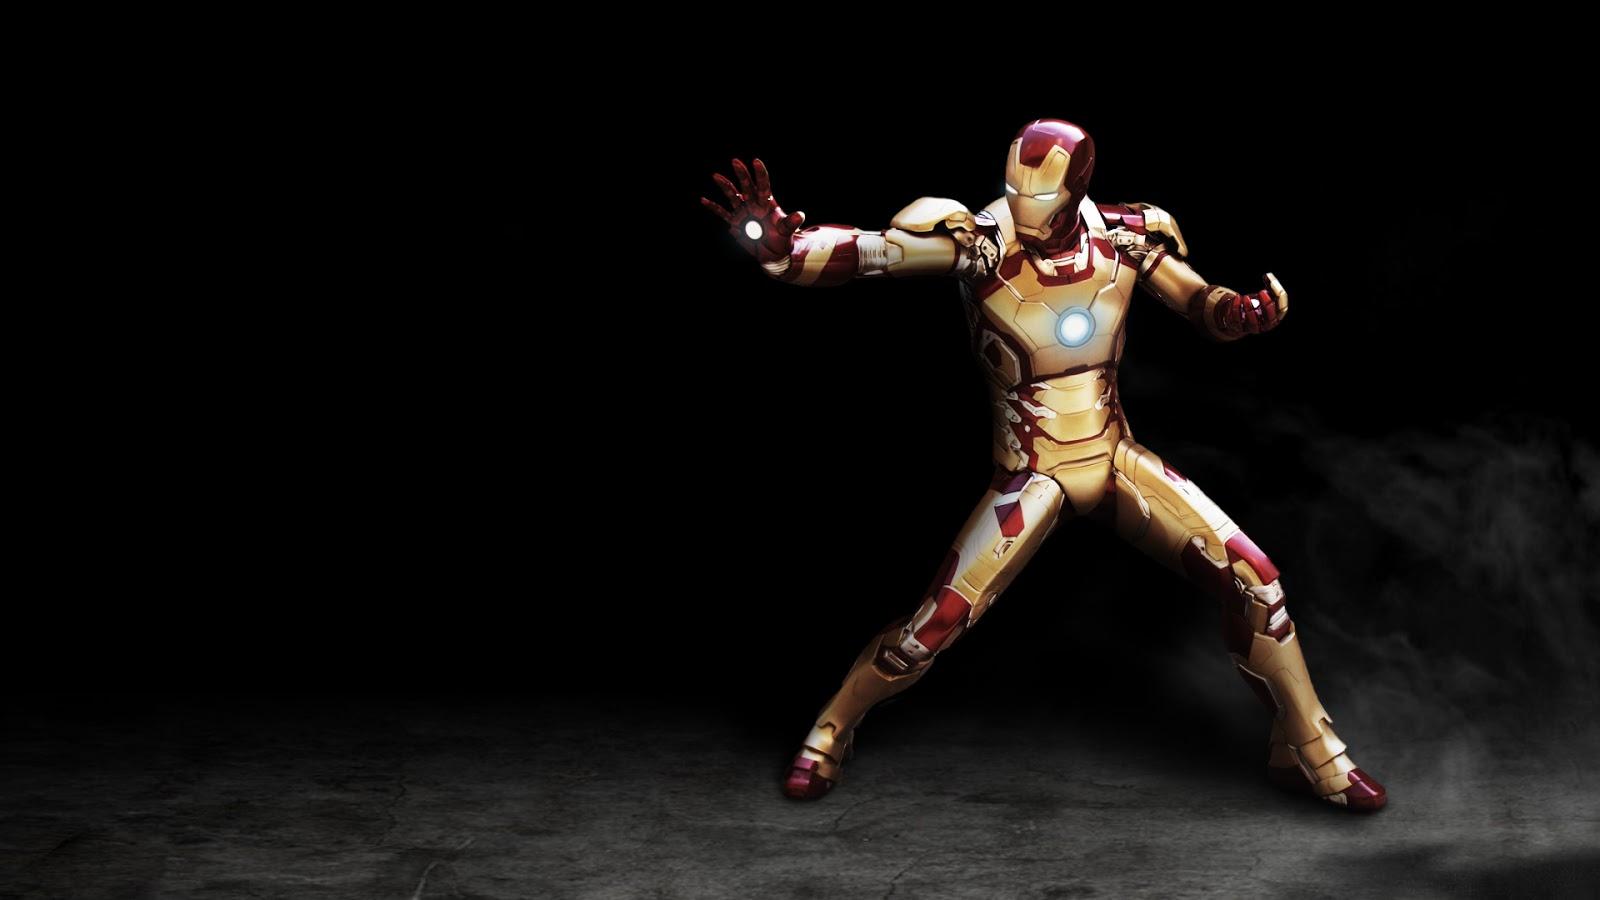 Photo x Life: Iron man 3 top wallpapers